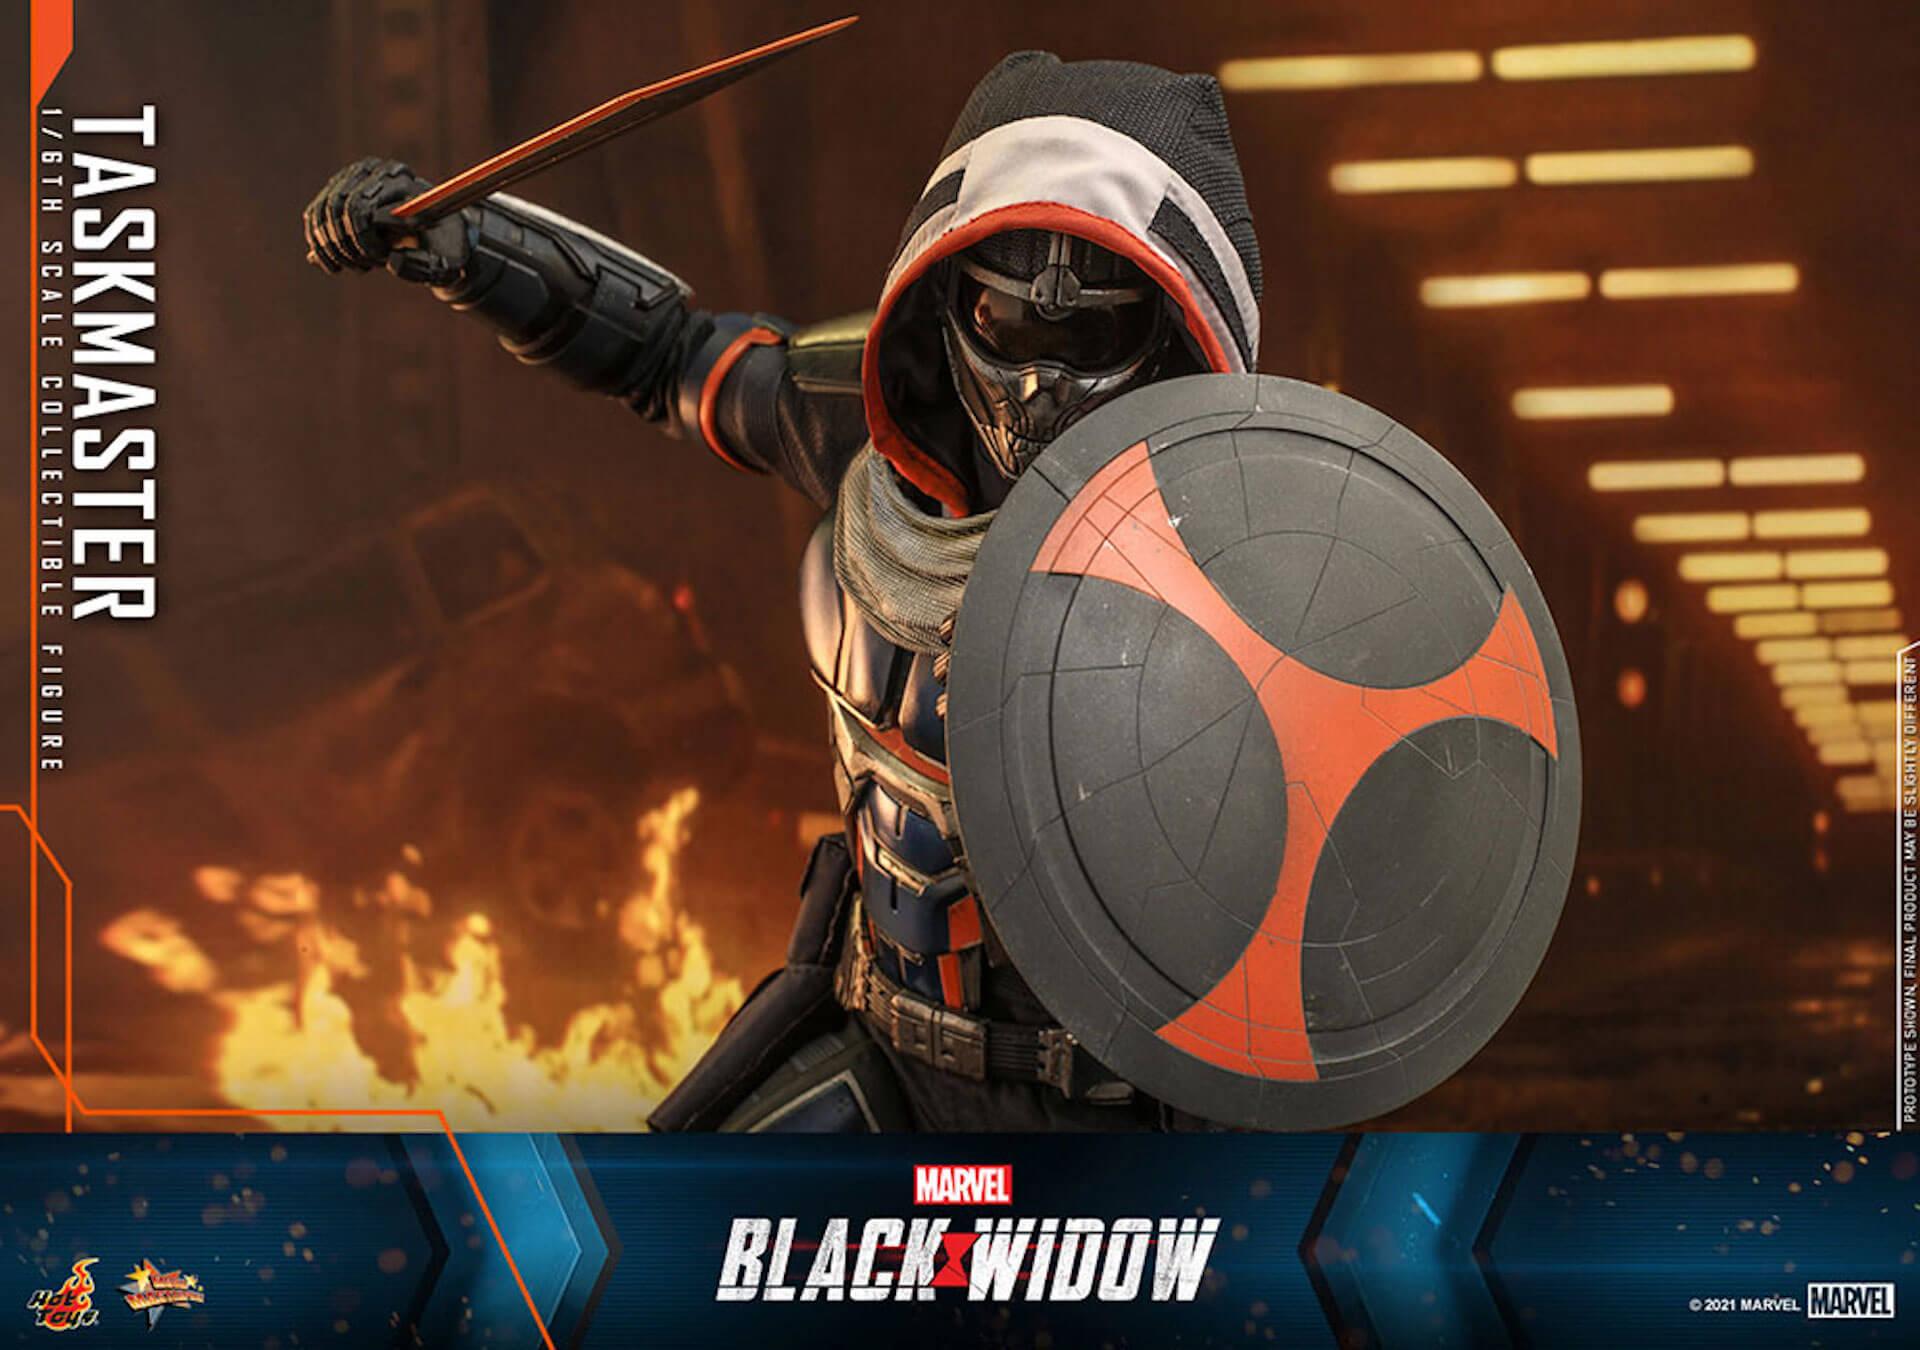 マーベル・スタジオ『ブラック・ウィドウ』のブラック・ウィドウ&タスクマスターがホットトイズの1/6スケールフィギュアになって登場! art210618_hottoys_blackwidow_3